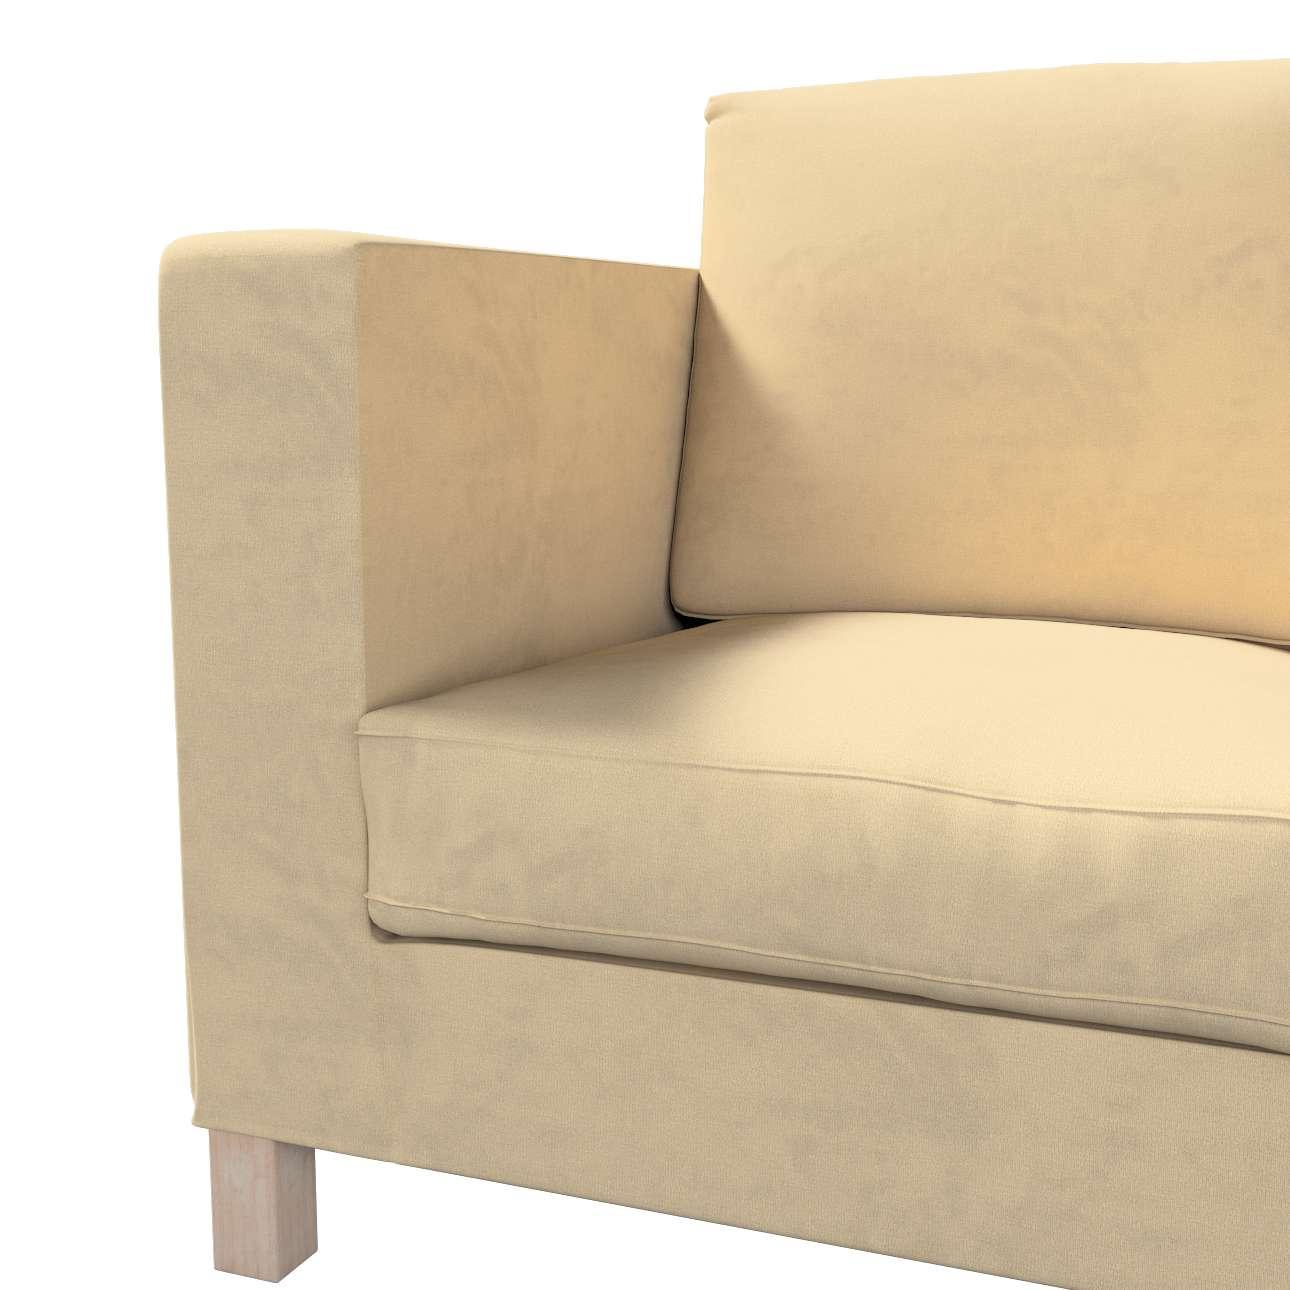 Potah na pohovku IKEA  Karlanda 3-místná nerozkládací, krátký v kolekci Living II, látka: 160-82